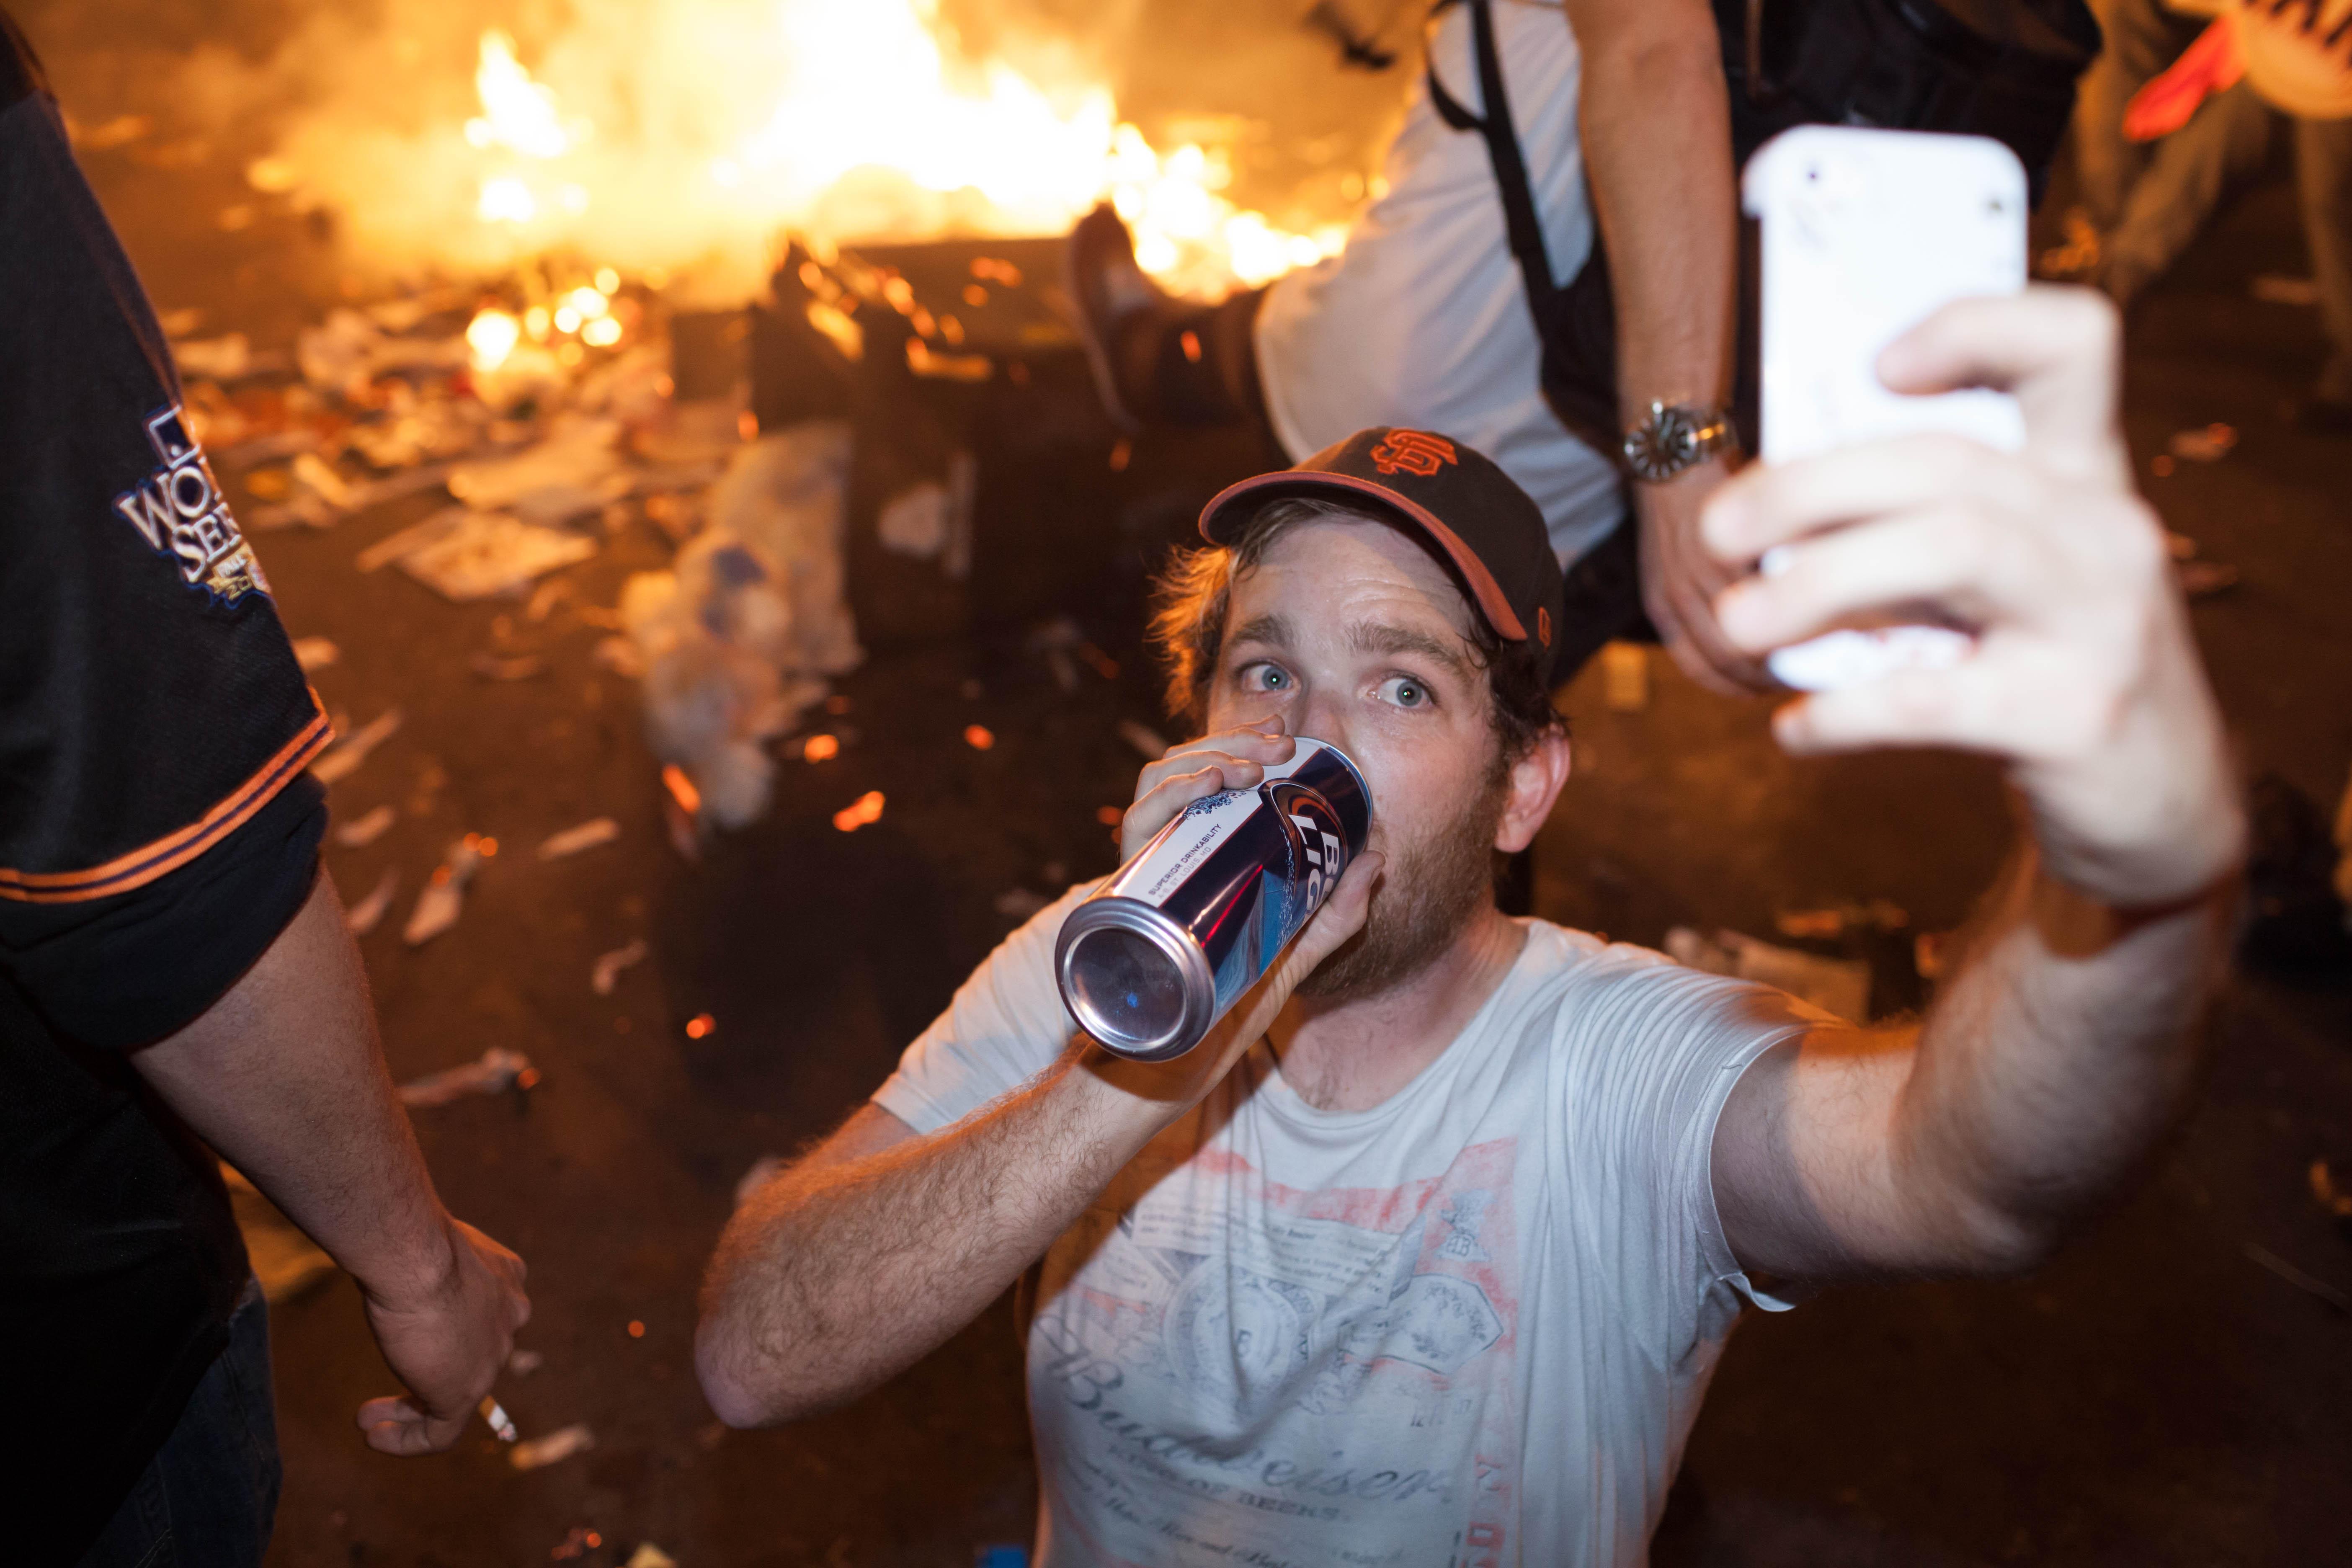 Rosja walczy z selfie, bo giną od nich ludzie